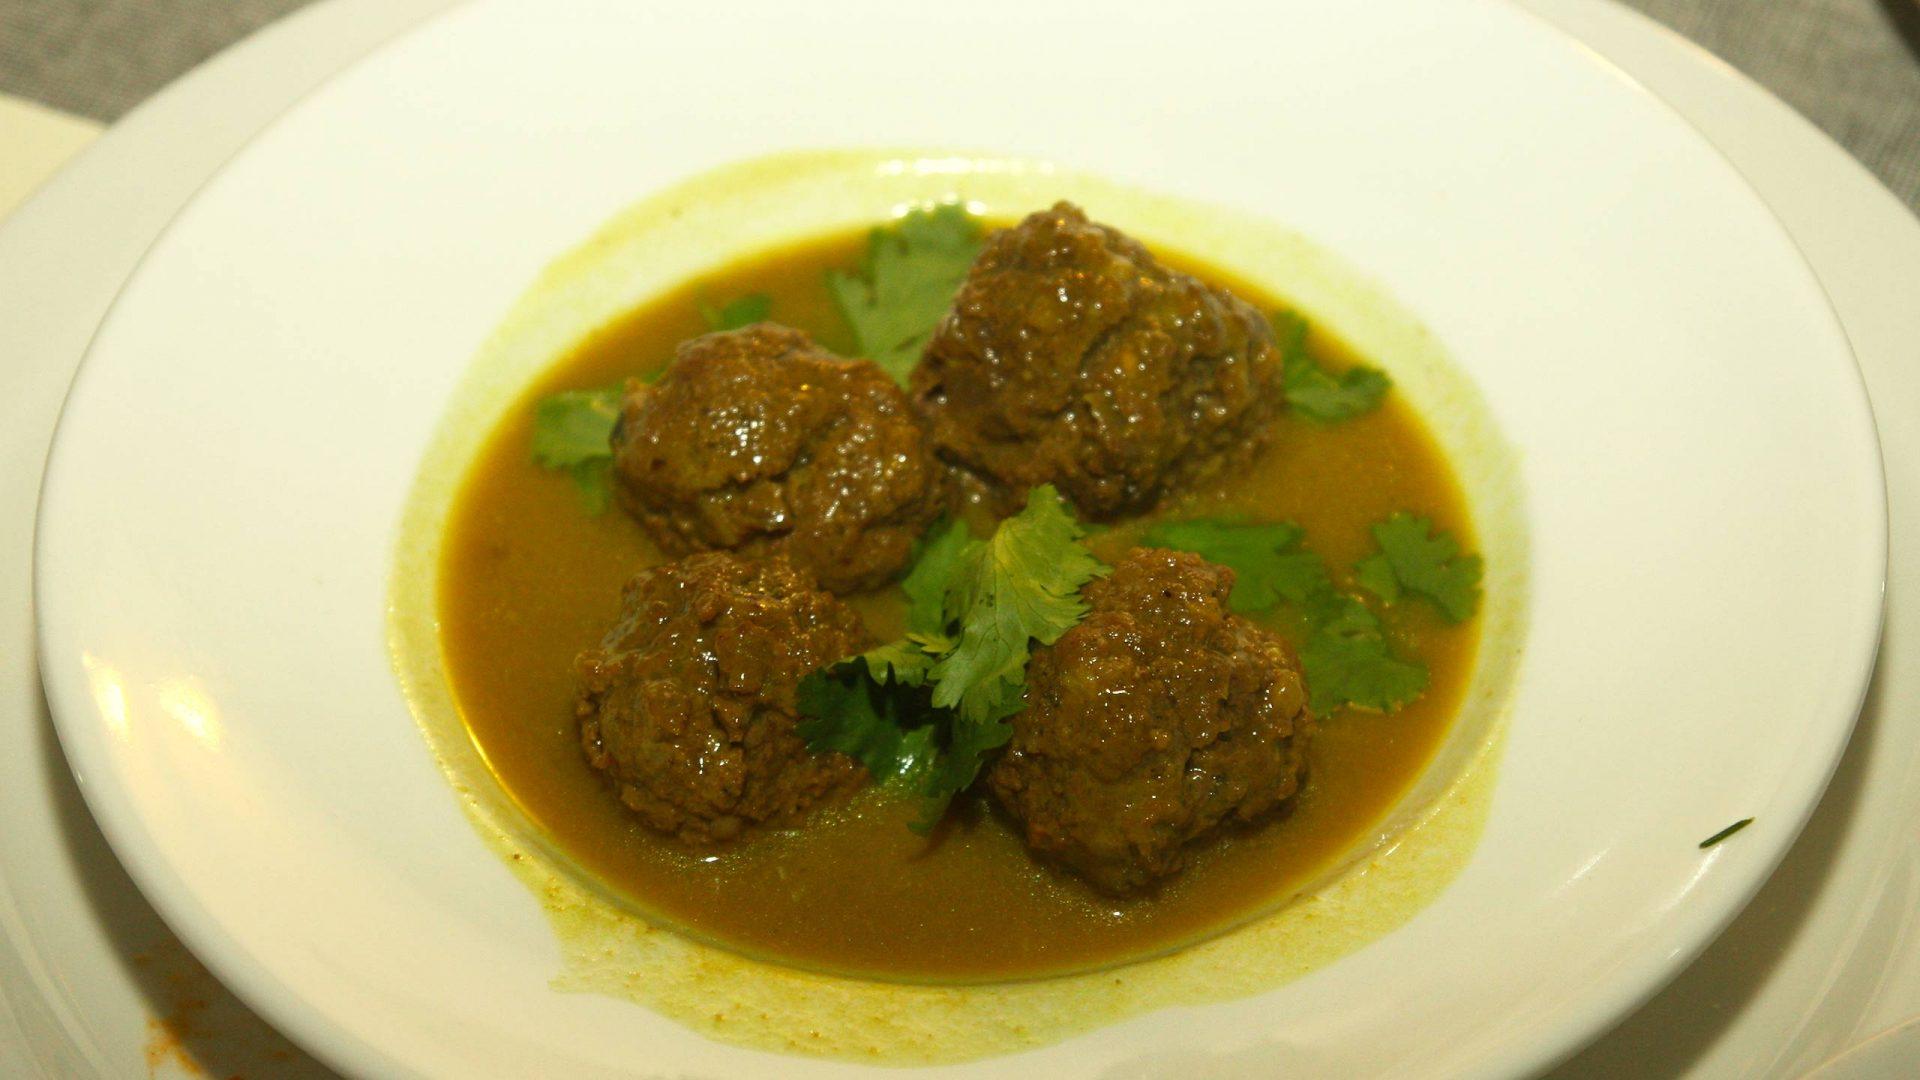 כדורי בשר תאילנדים בליווי פאייה